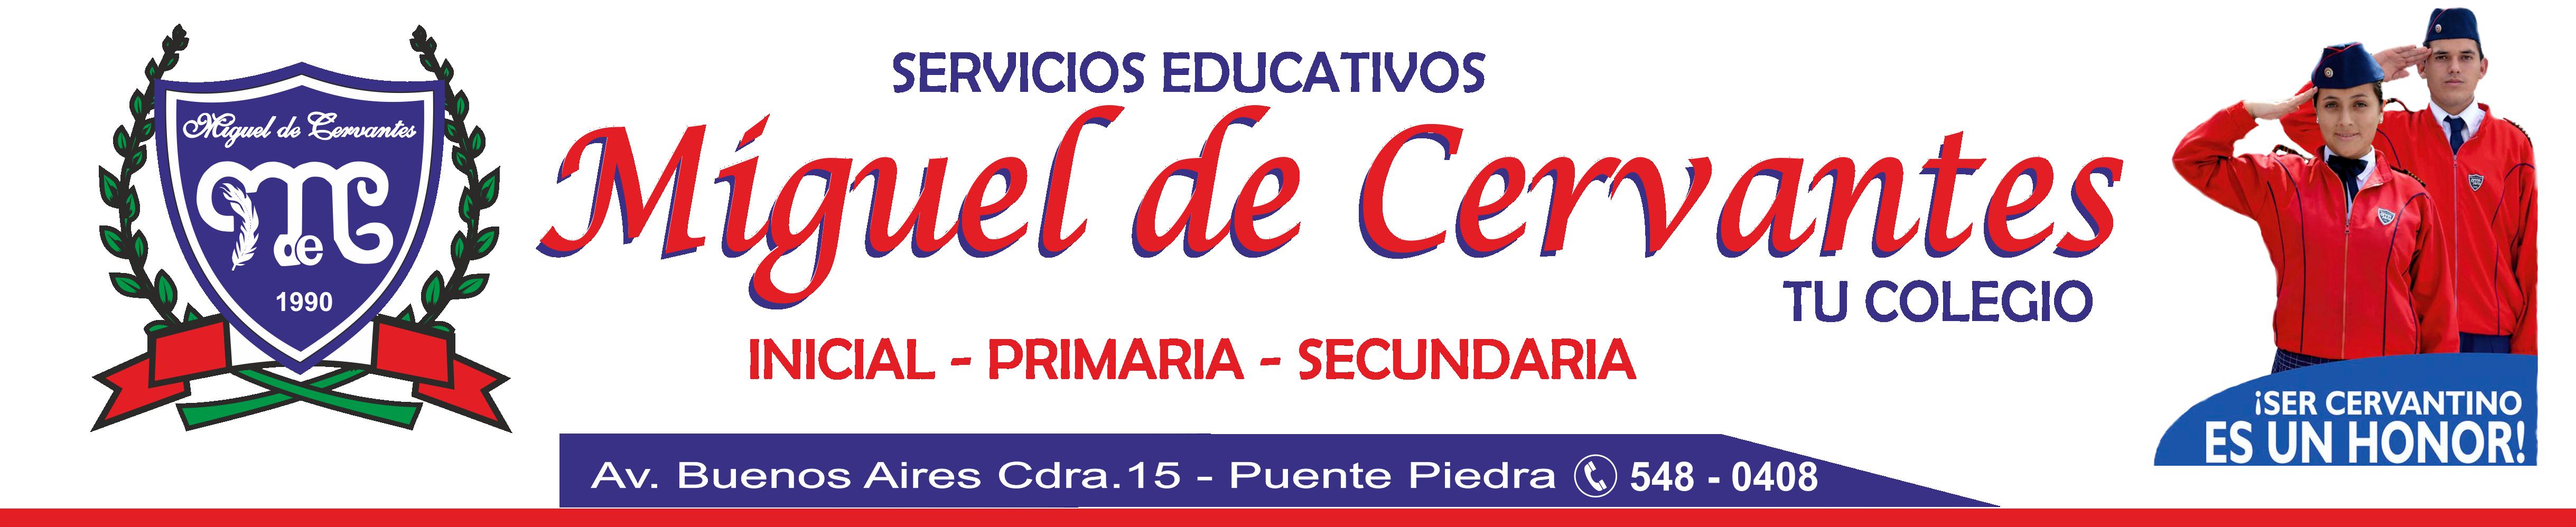 I.E.P. Miguel de Cervantes